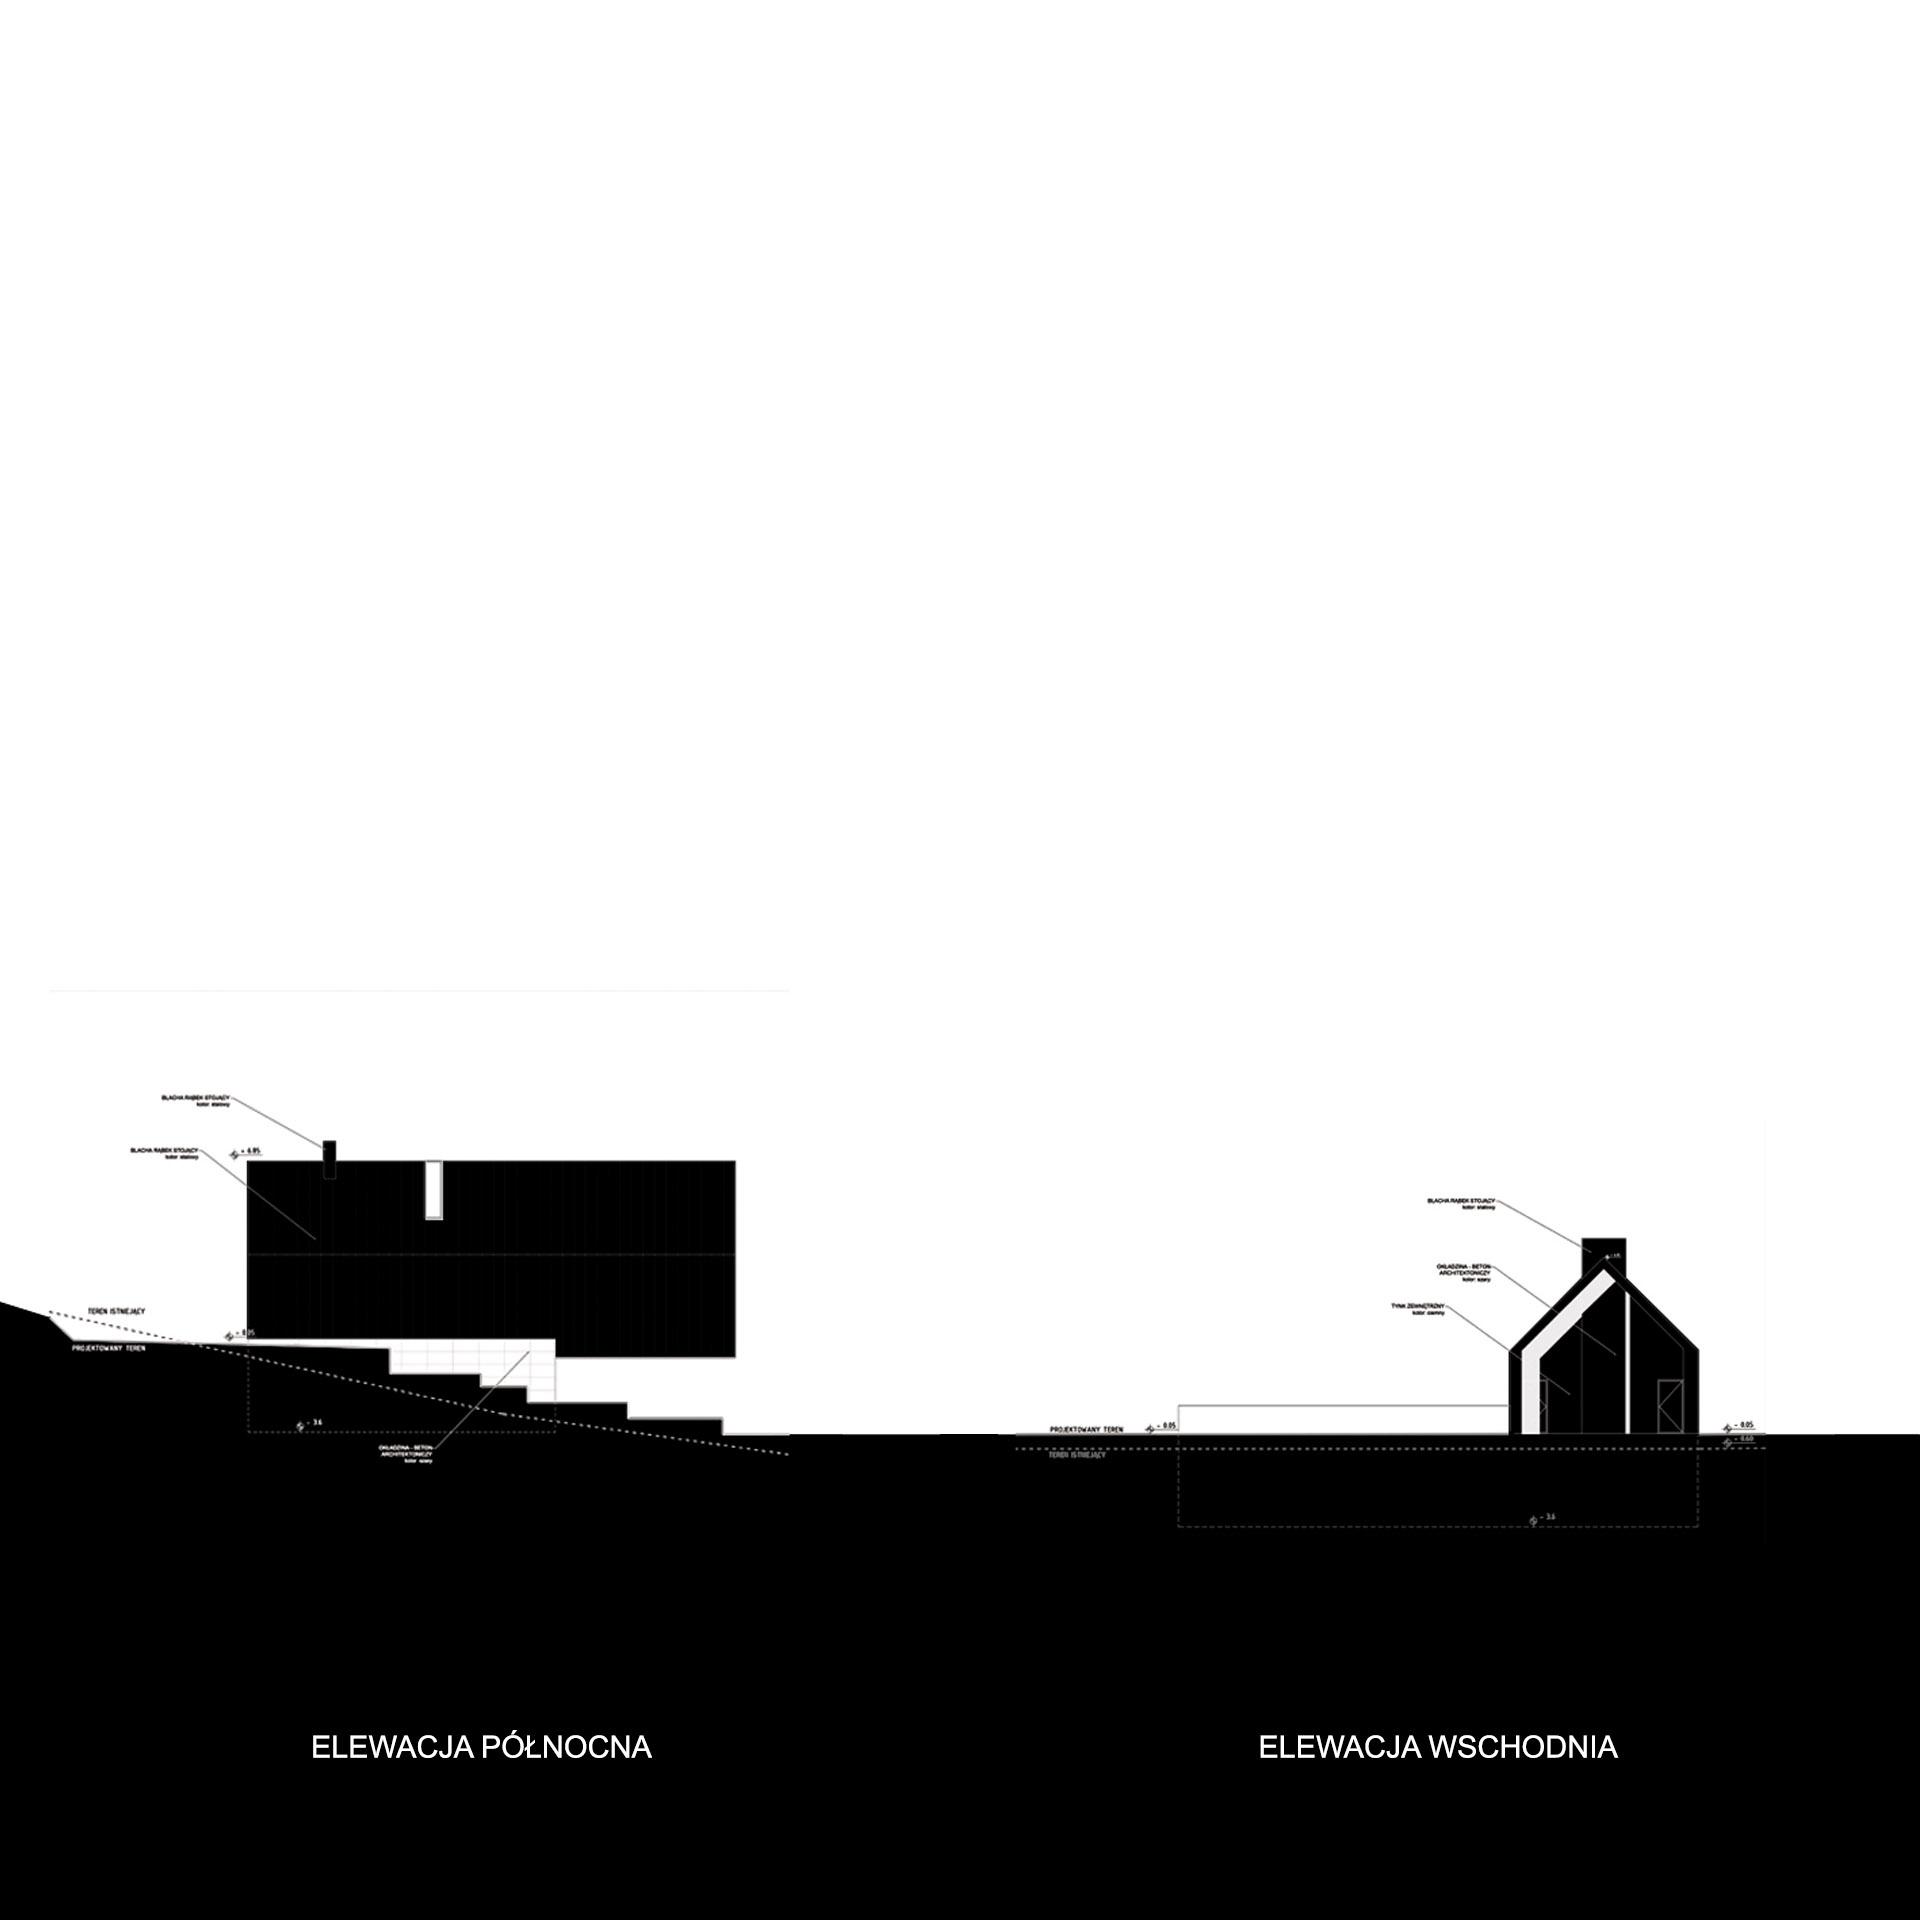 Latająca stodoła - elewacja północna i wschodnia